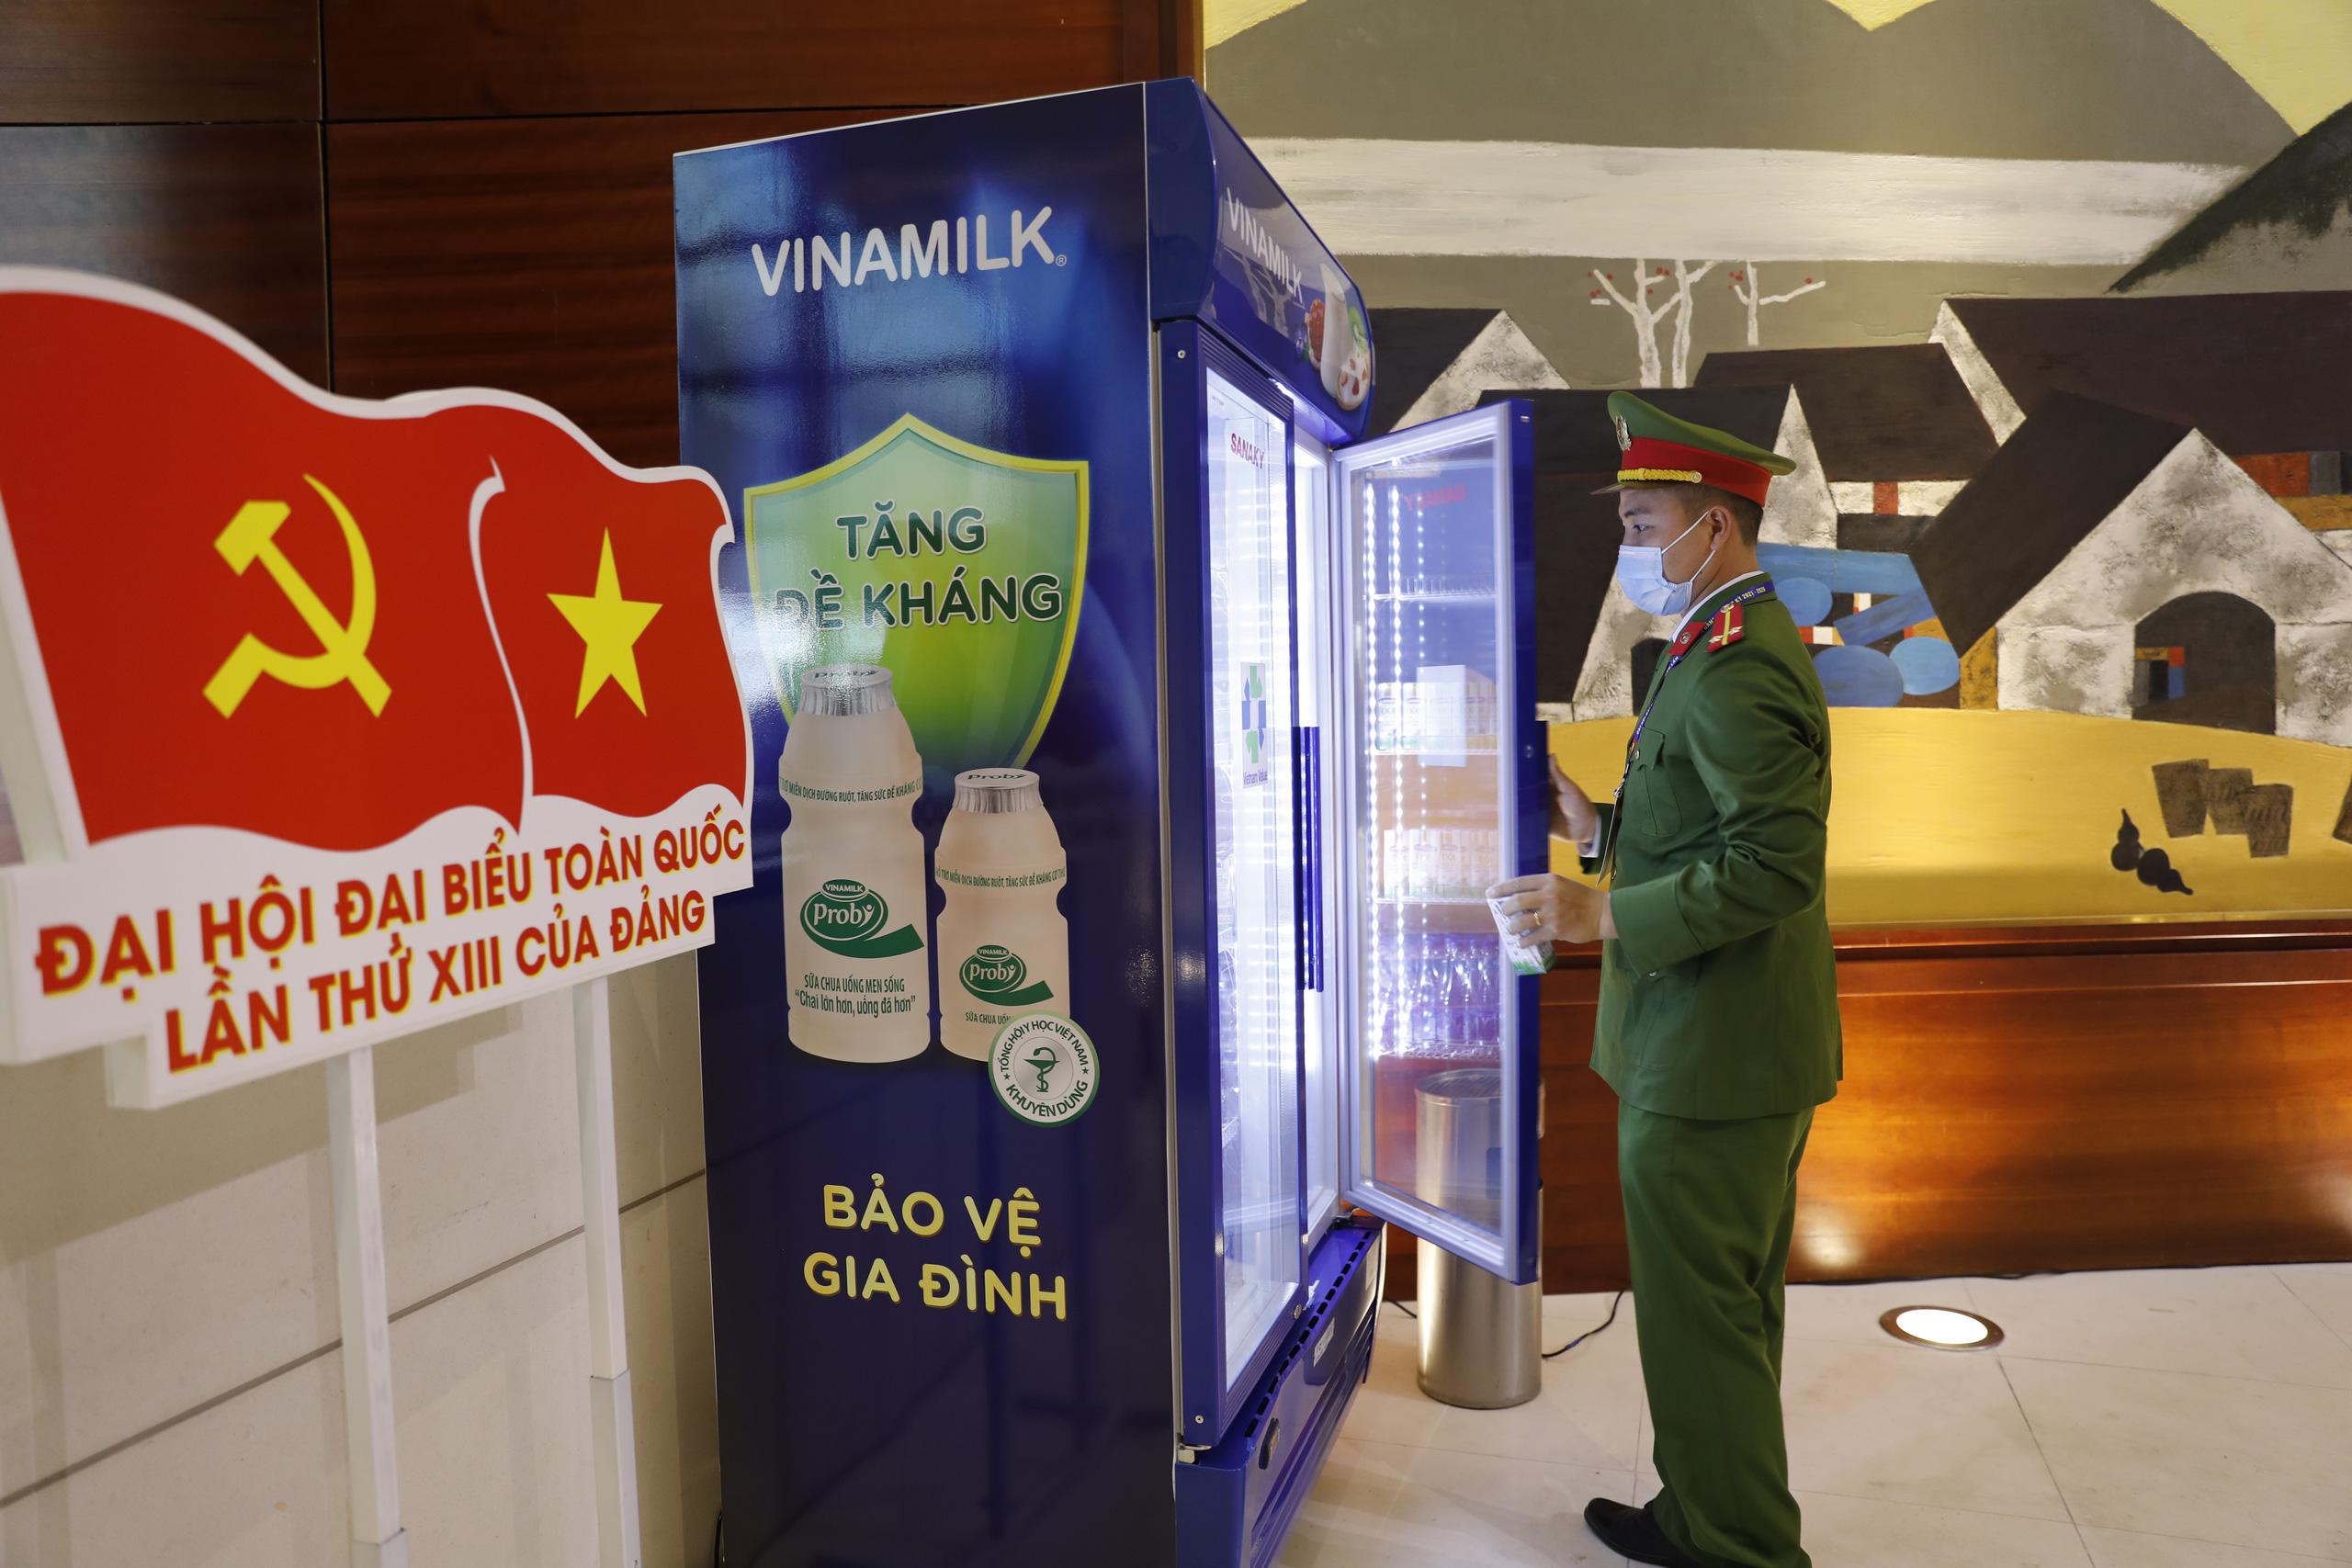 700.000 sản phẩm Vinamilk được chọn phục vụ sự kiện lớn của quốc gia  - Ảnh 2.